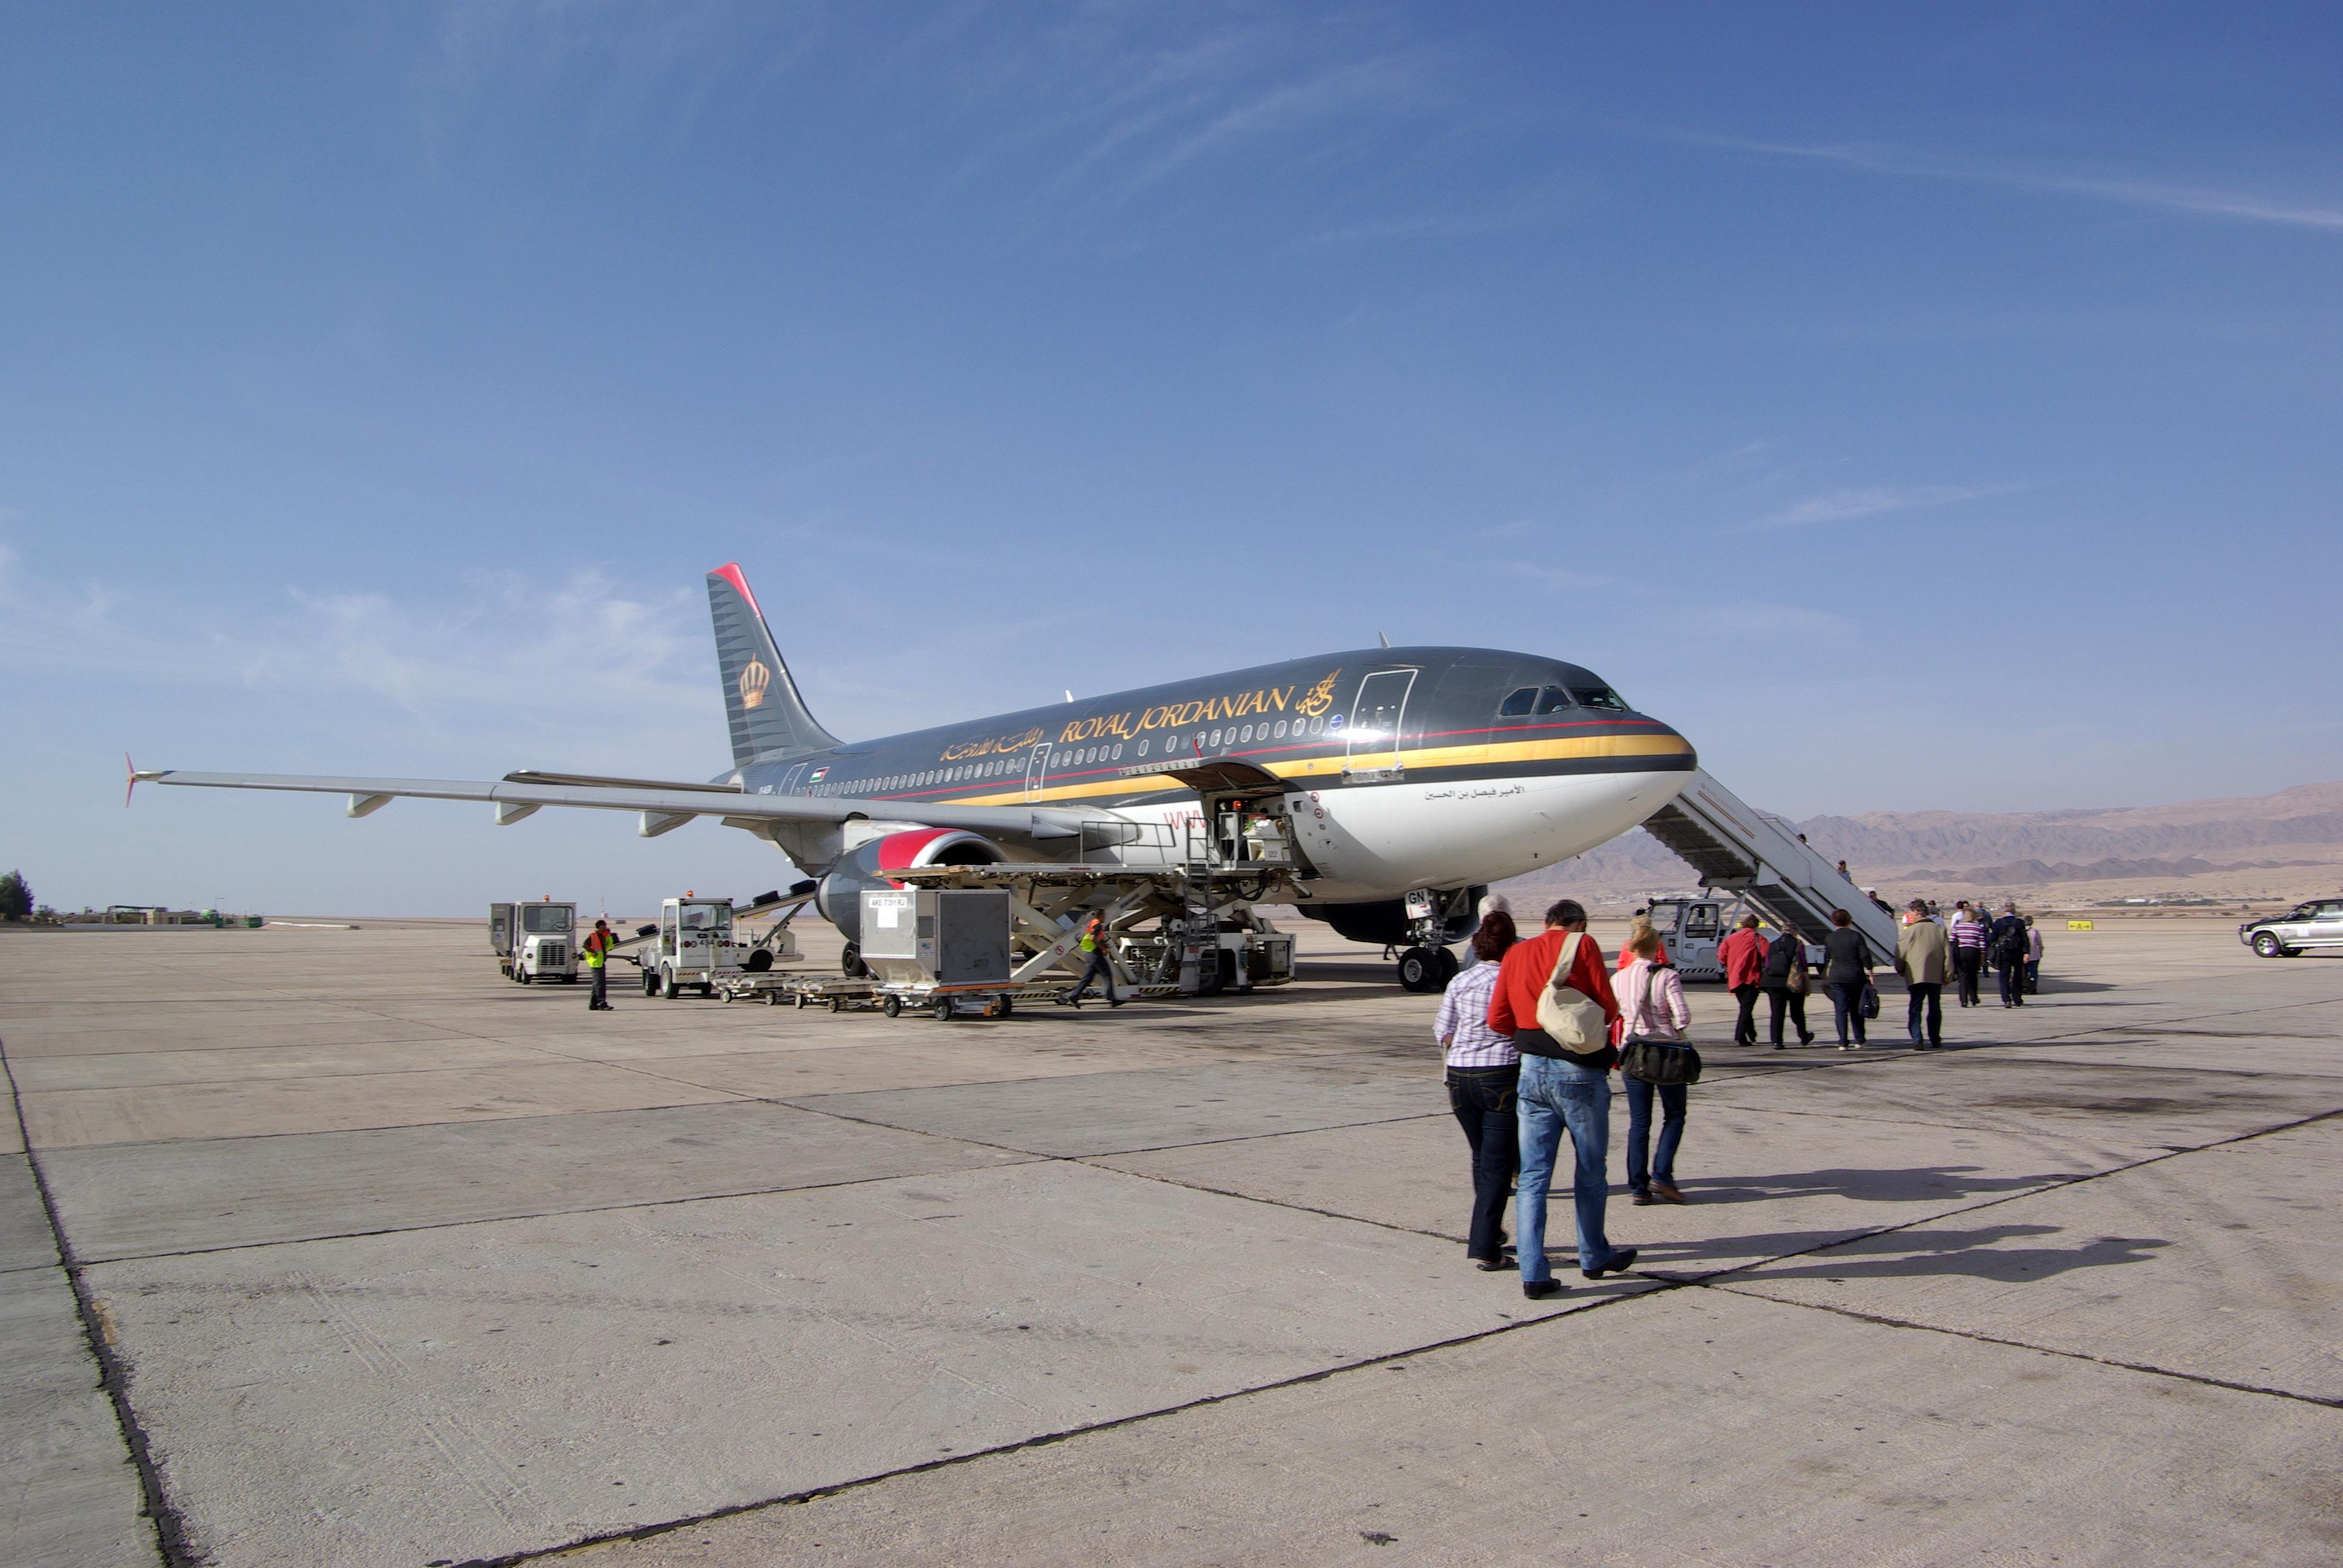 侯赛因国王国际机场